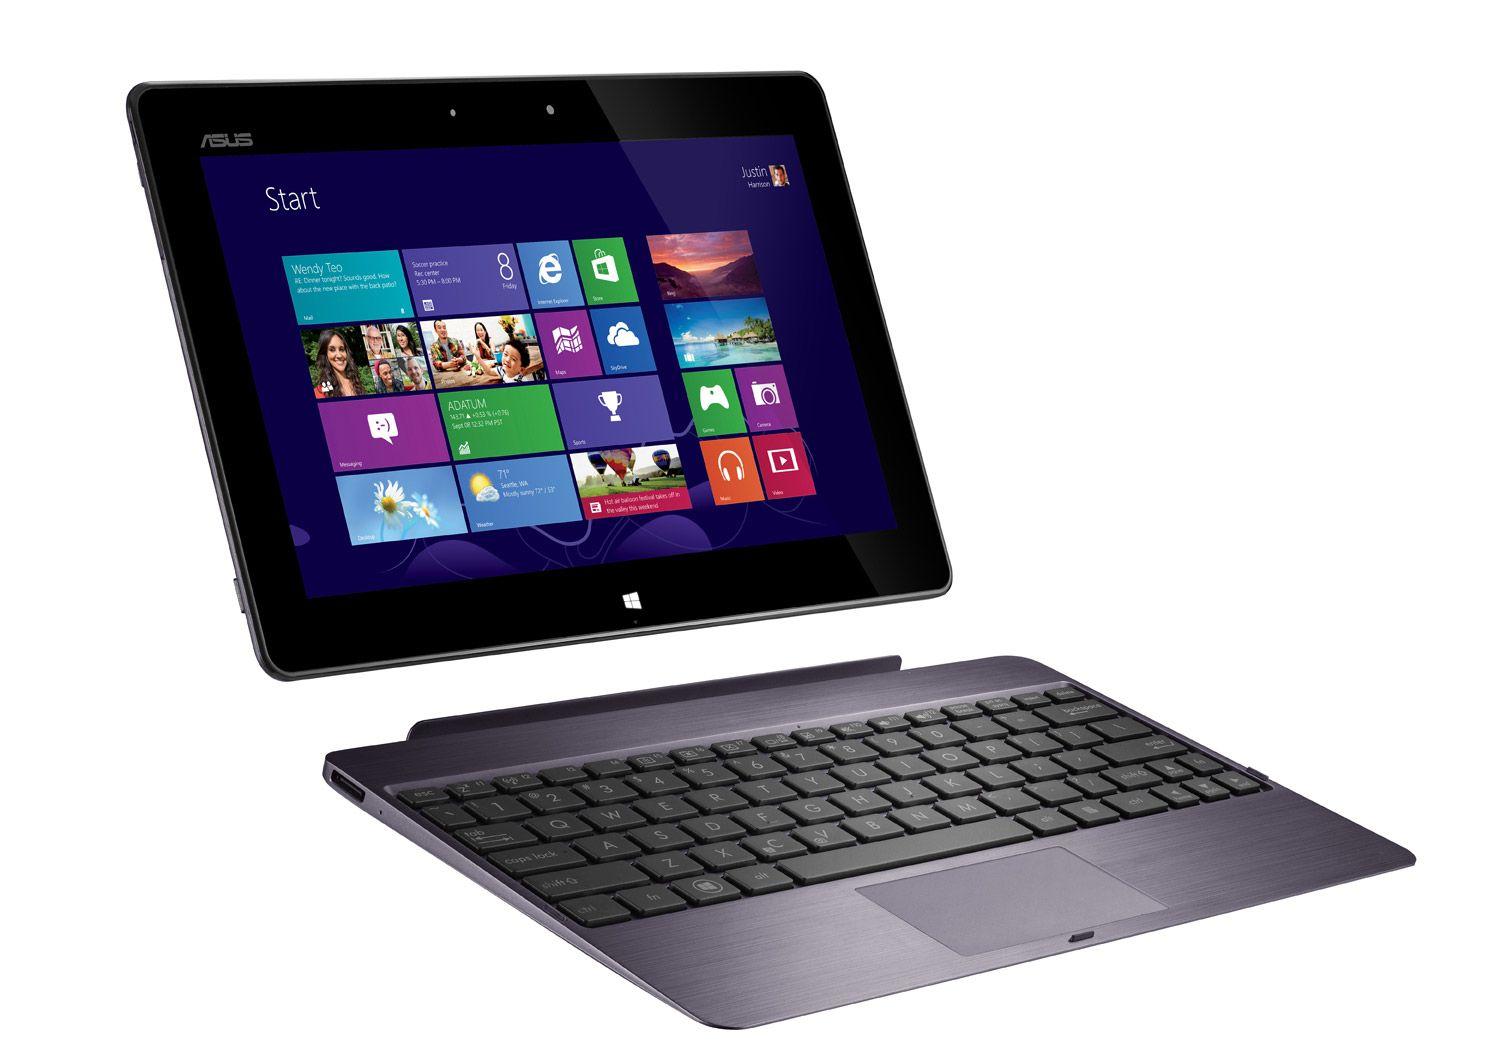 Asus Vivo Tab Rt Una Windows 8 Pc Convertible Tablets Disco Duro Puertos Usb